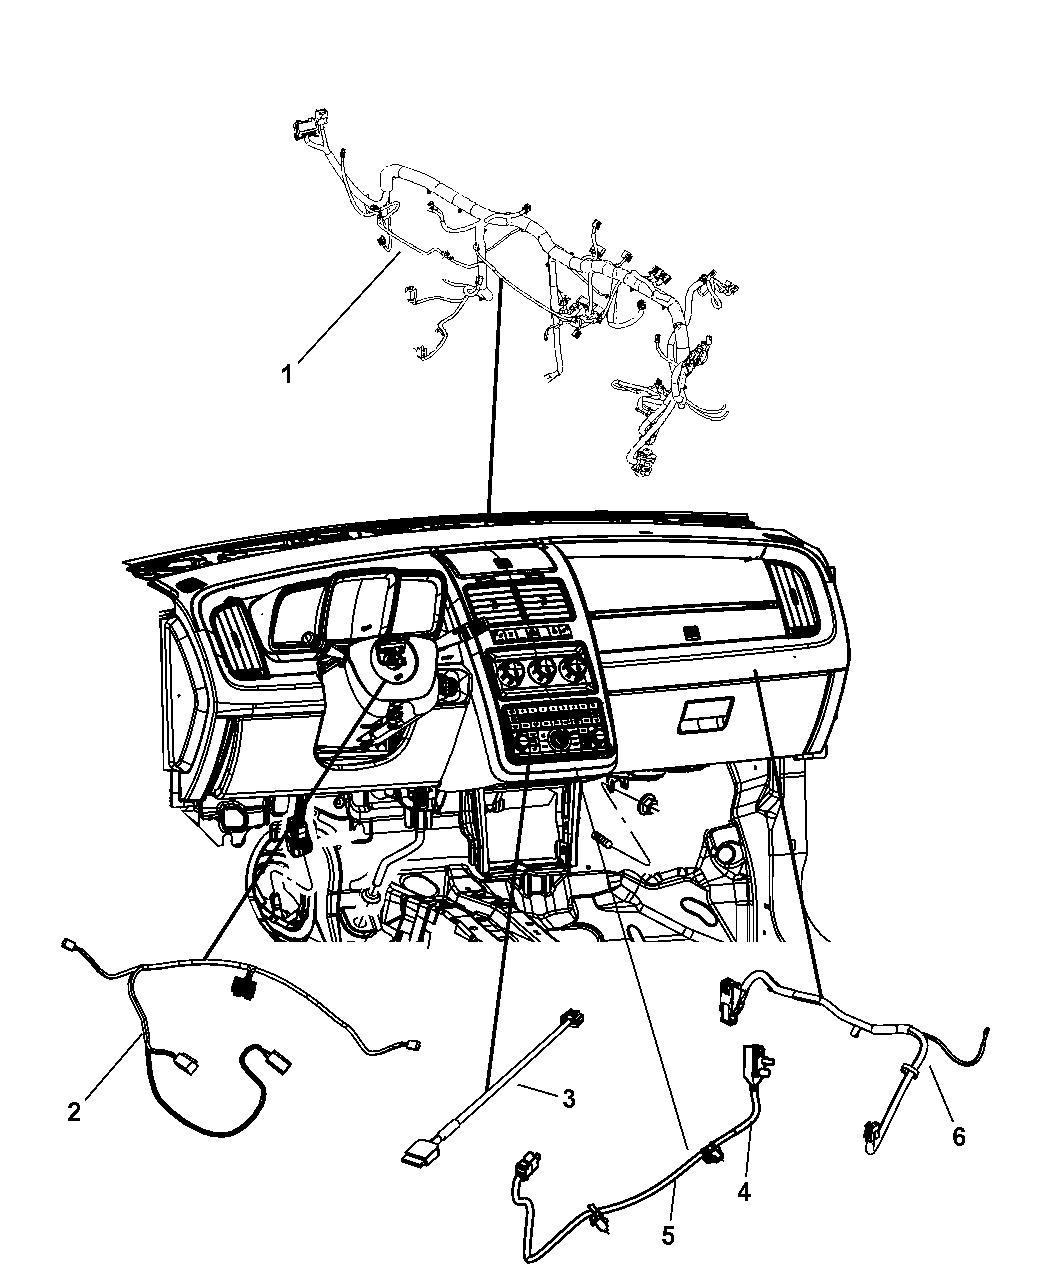 68065809AC - Genuine Mopar WIRING-INSTRUMENT PANEL